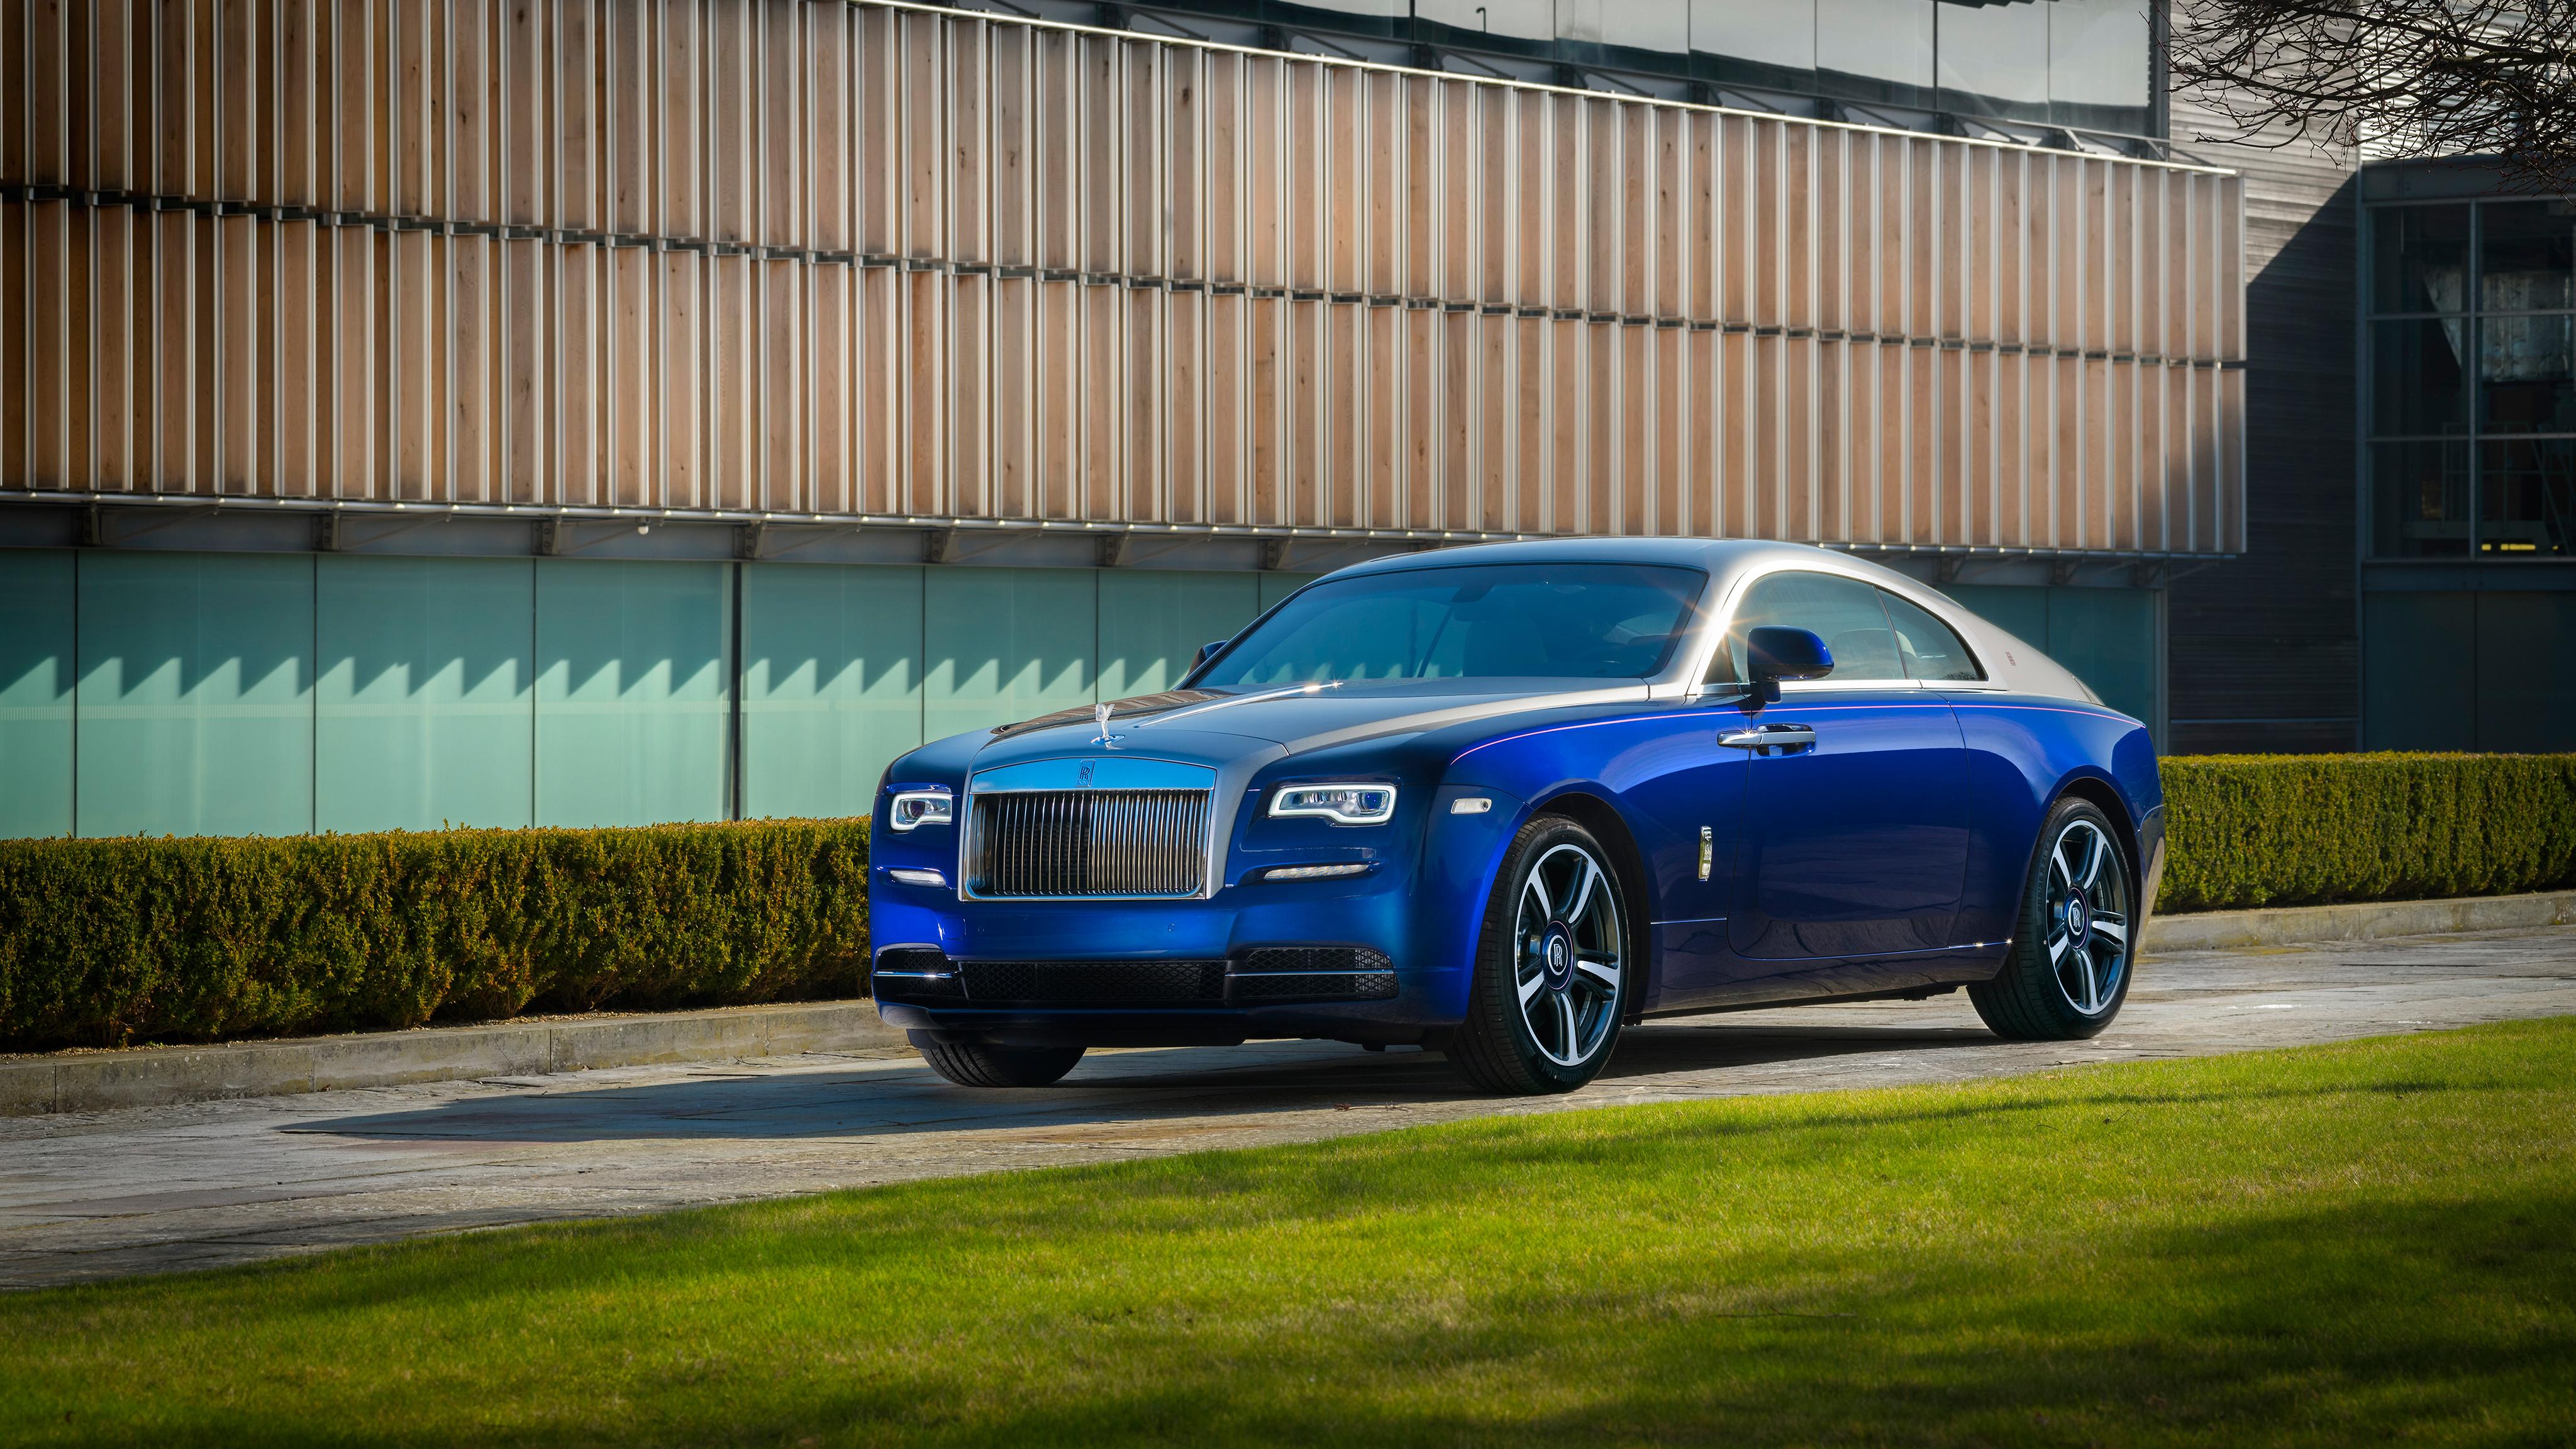 Rolls Royce Wraith 2017 Bespoke 4k Wallpaper Hd Car Wallpapers